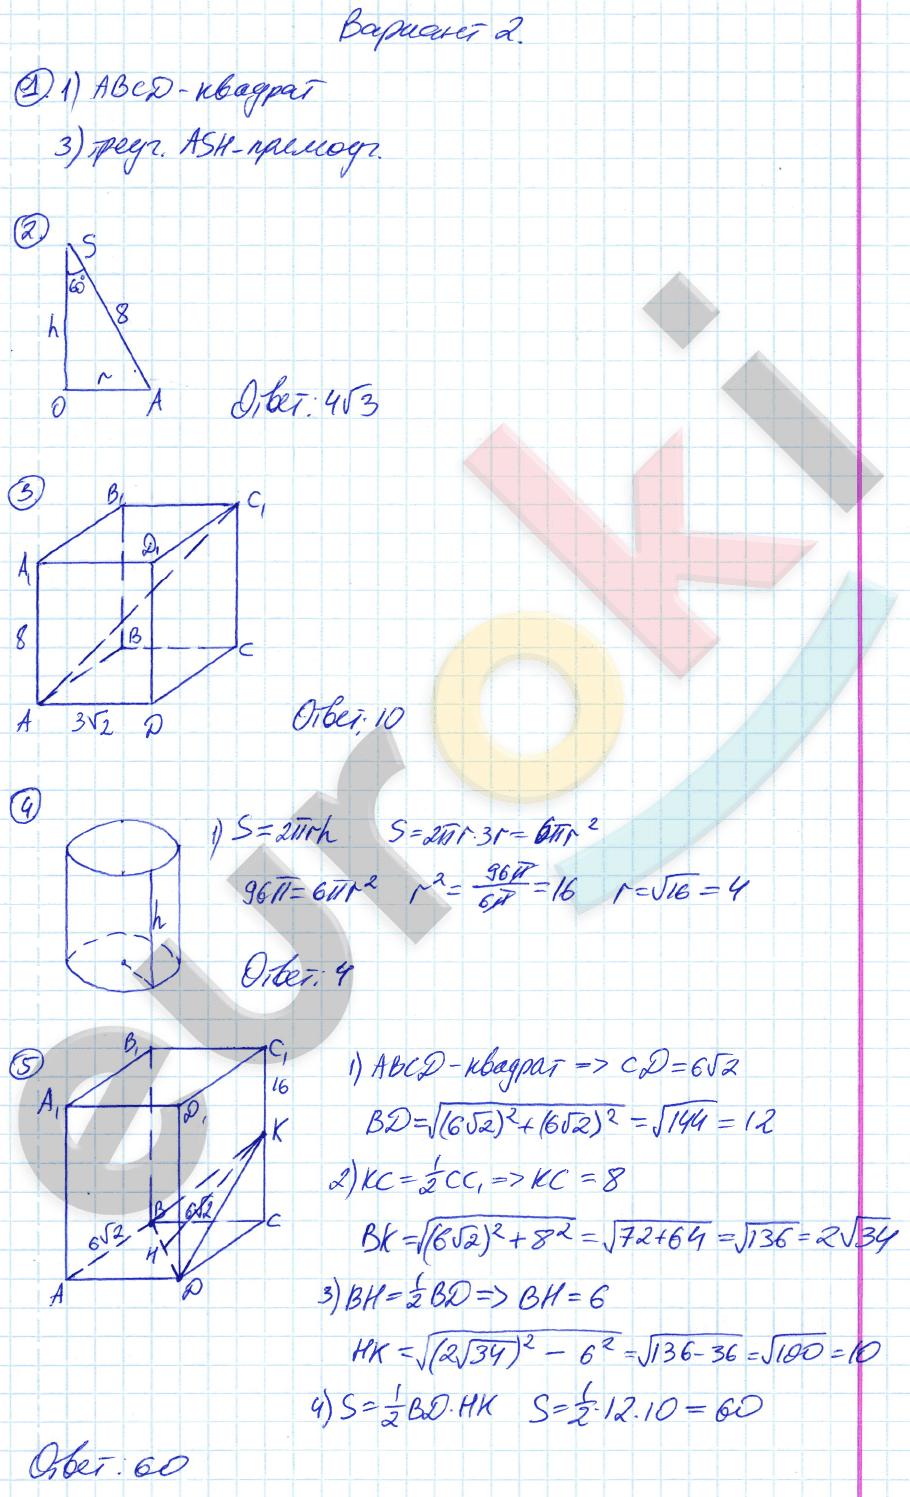 ГДЗ по геометрии 9 класс контрольные работы Мельникова КР-5. Начальные сведения из стереометрии. Задание: Вариант 2